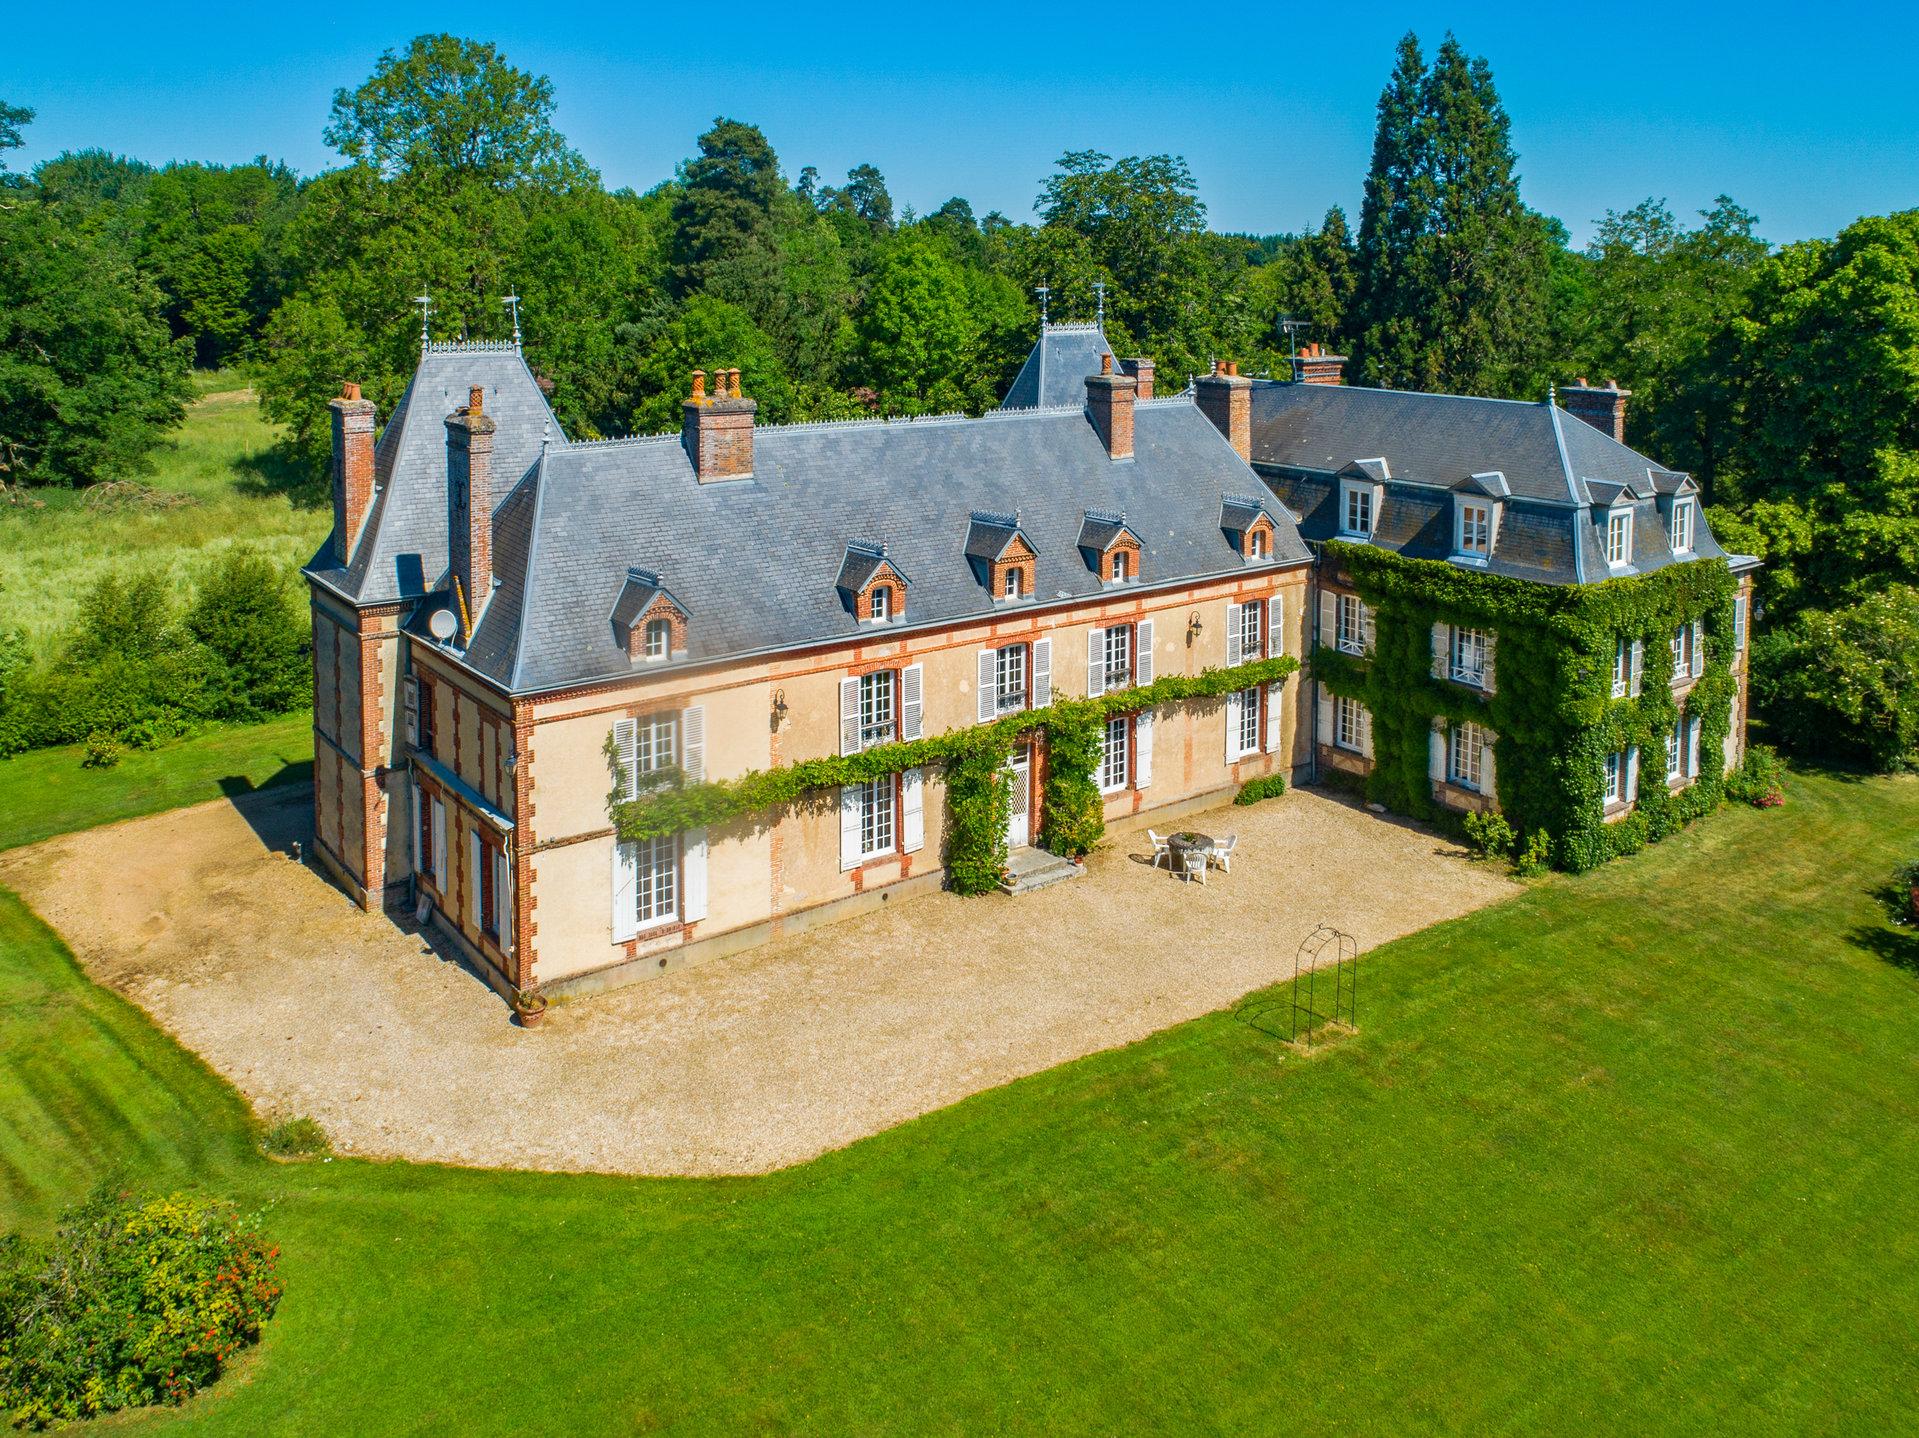 NORMANDIE - Château du XVIIème siècle